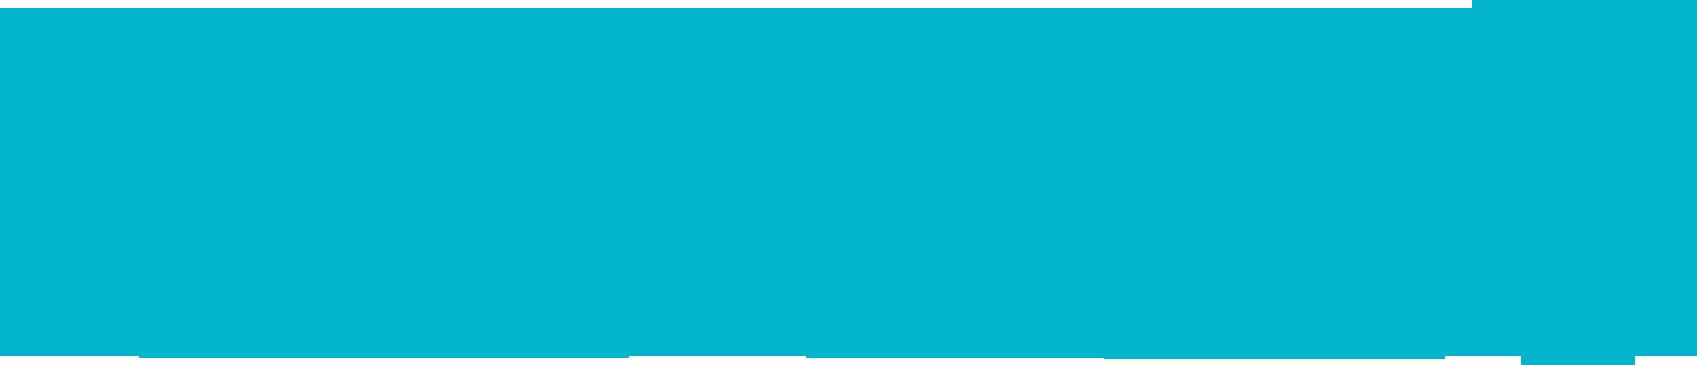 videaslogoiso